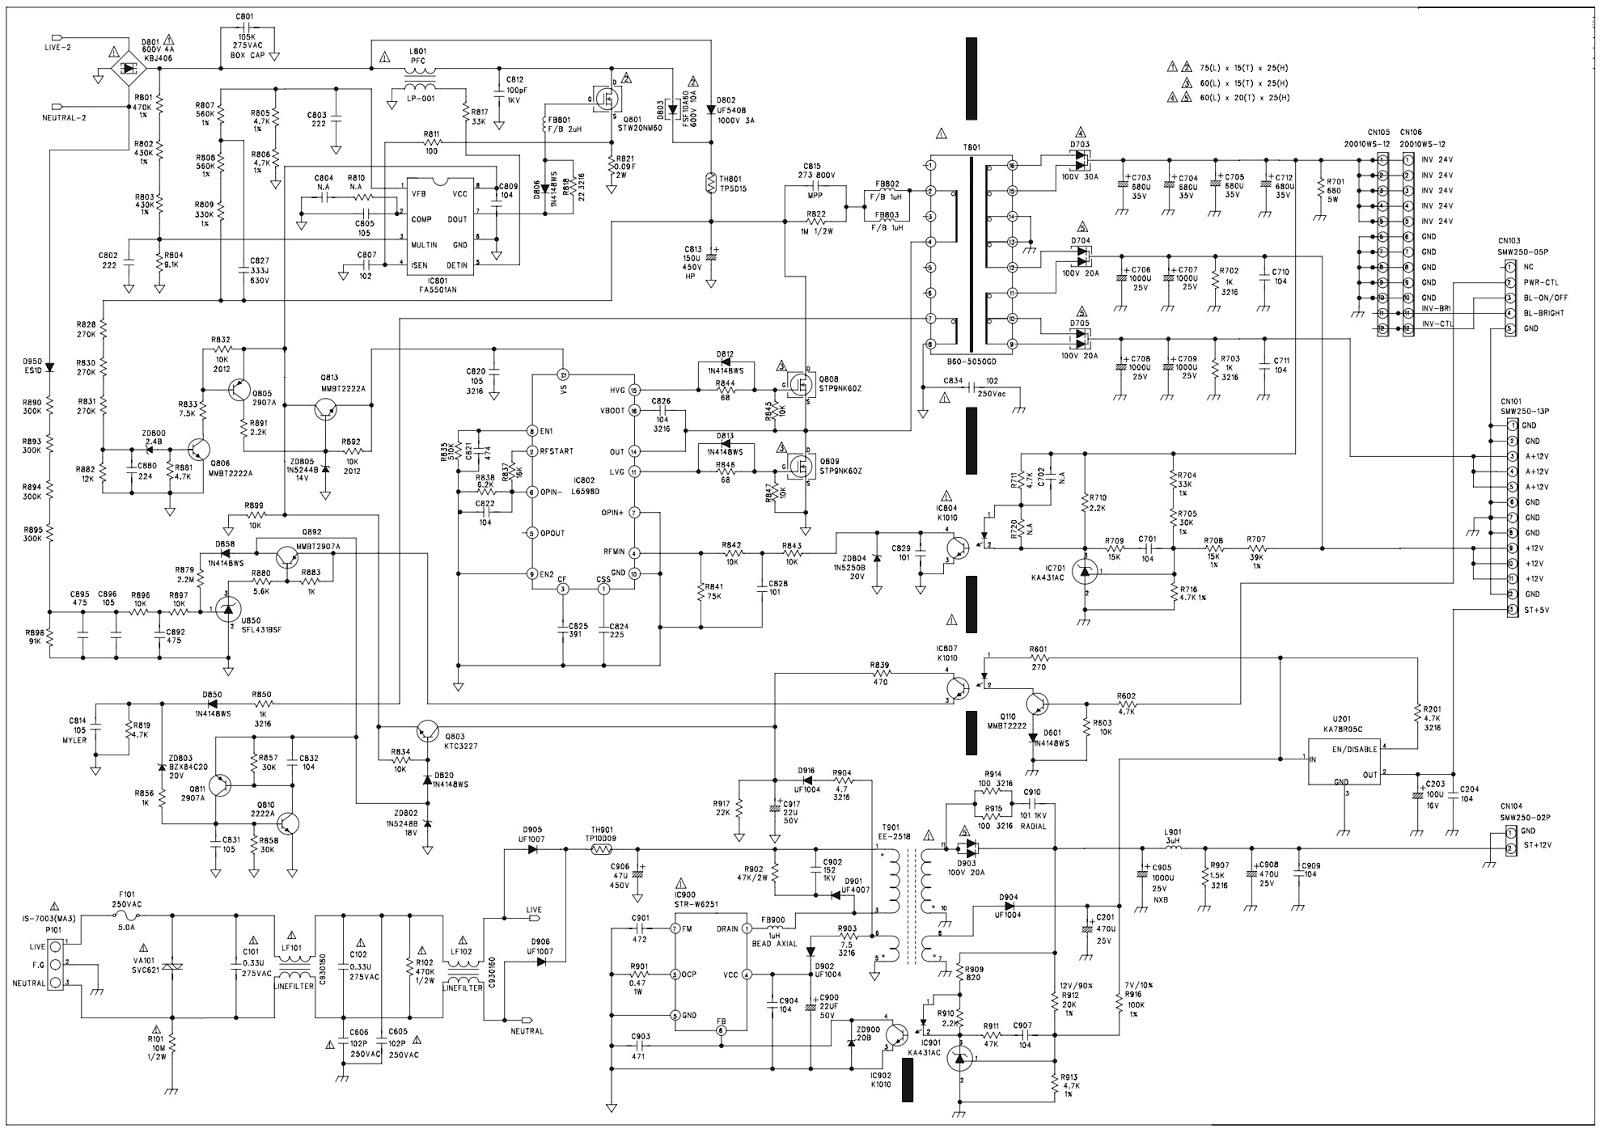 wiring diagram lg tv online circuit wiring diagram u2022 rh electrobuddha co uk  lg wiring diagram